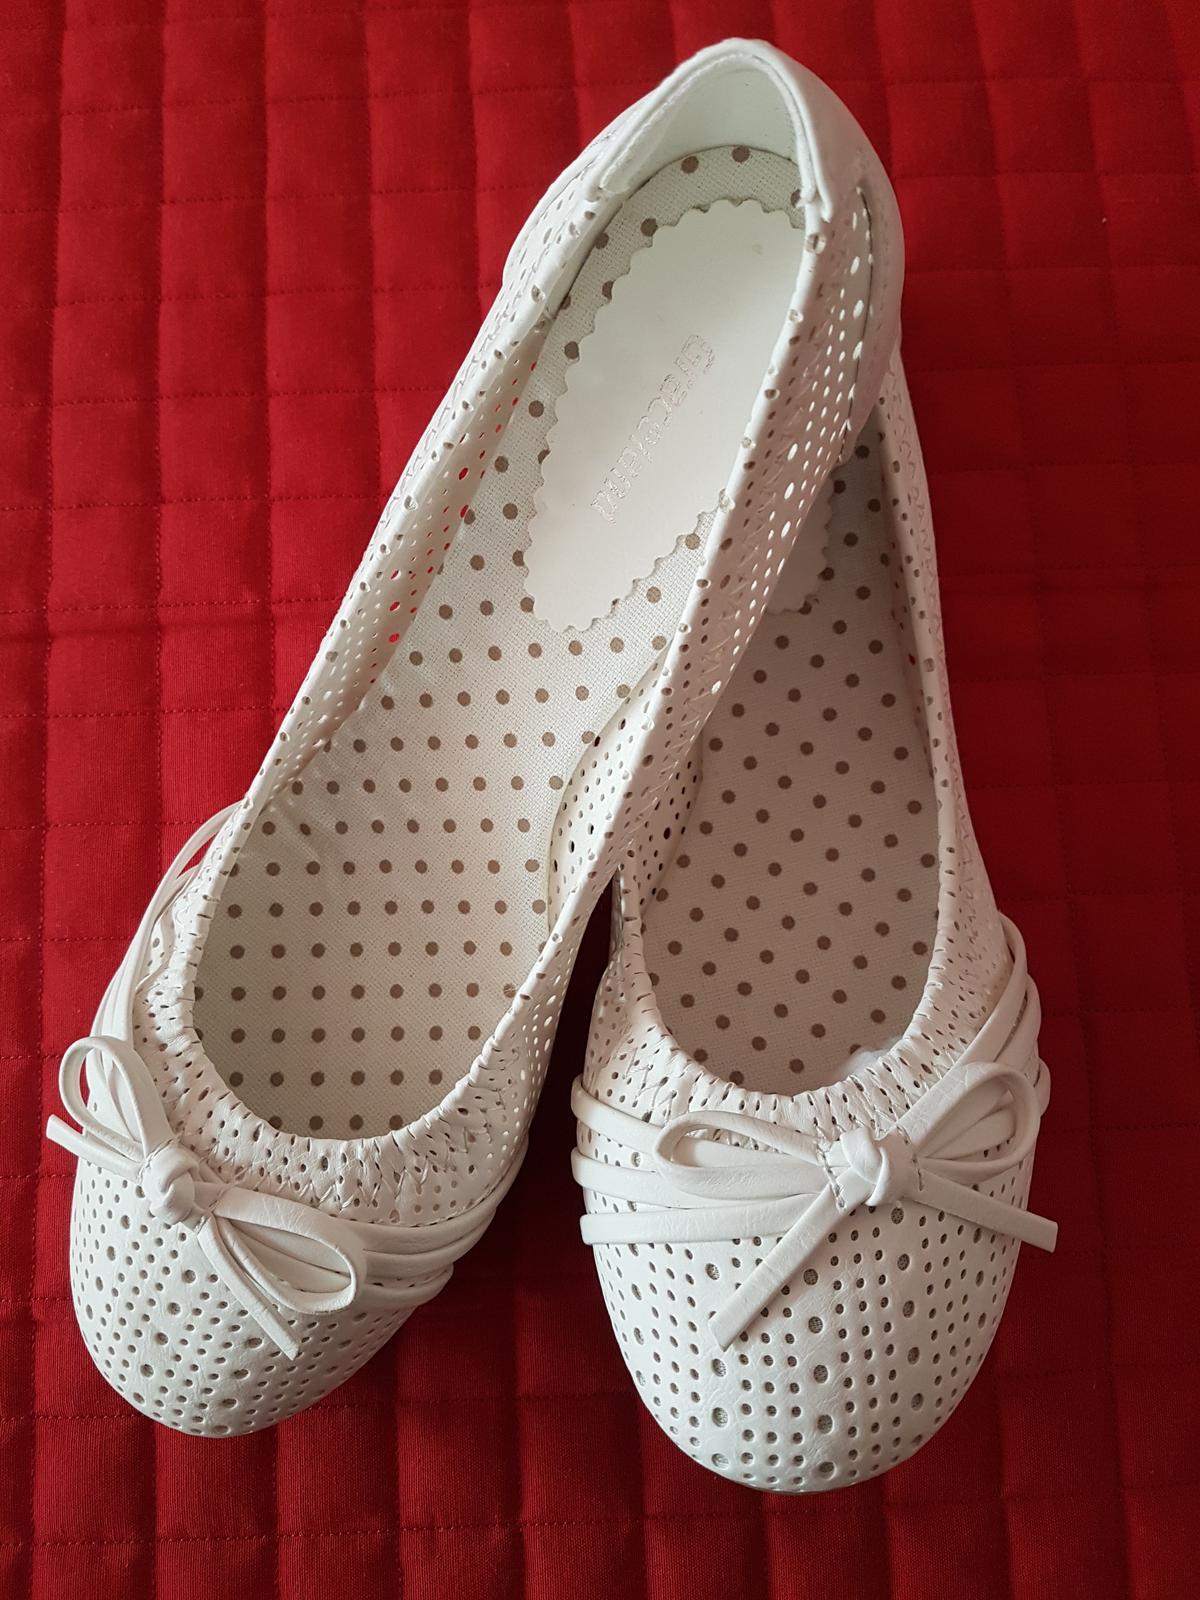 ♥07.07.2018♥ - Moje svadobné balerinky 👠